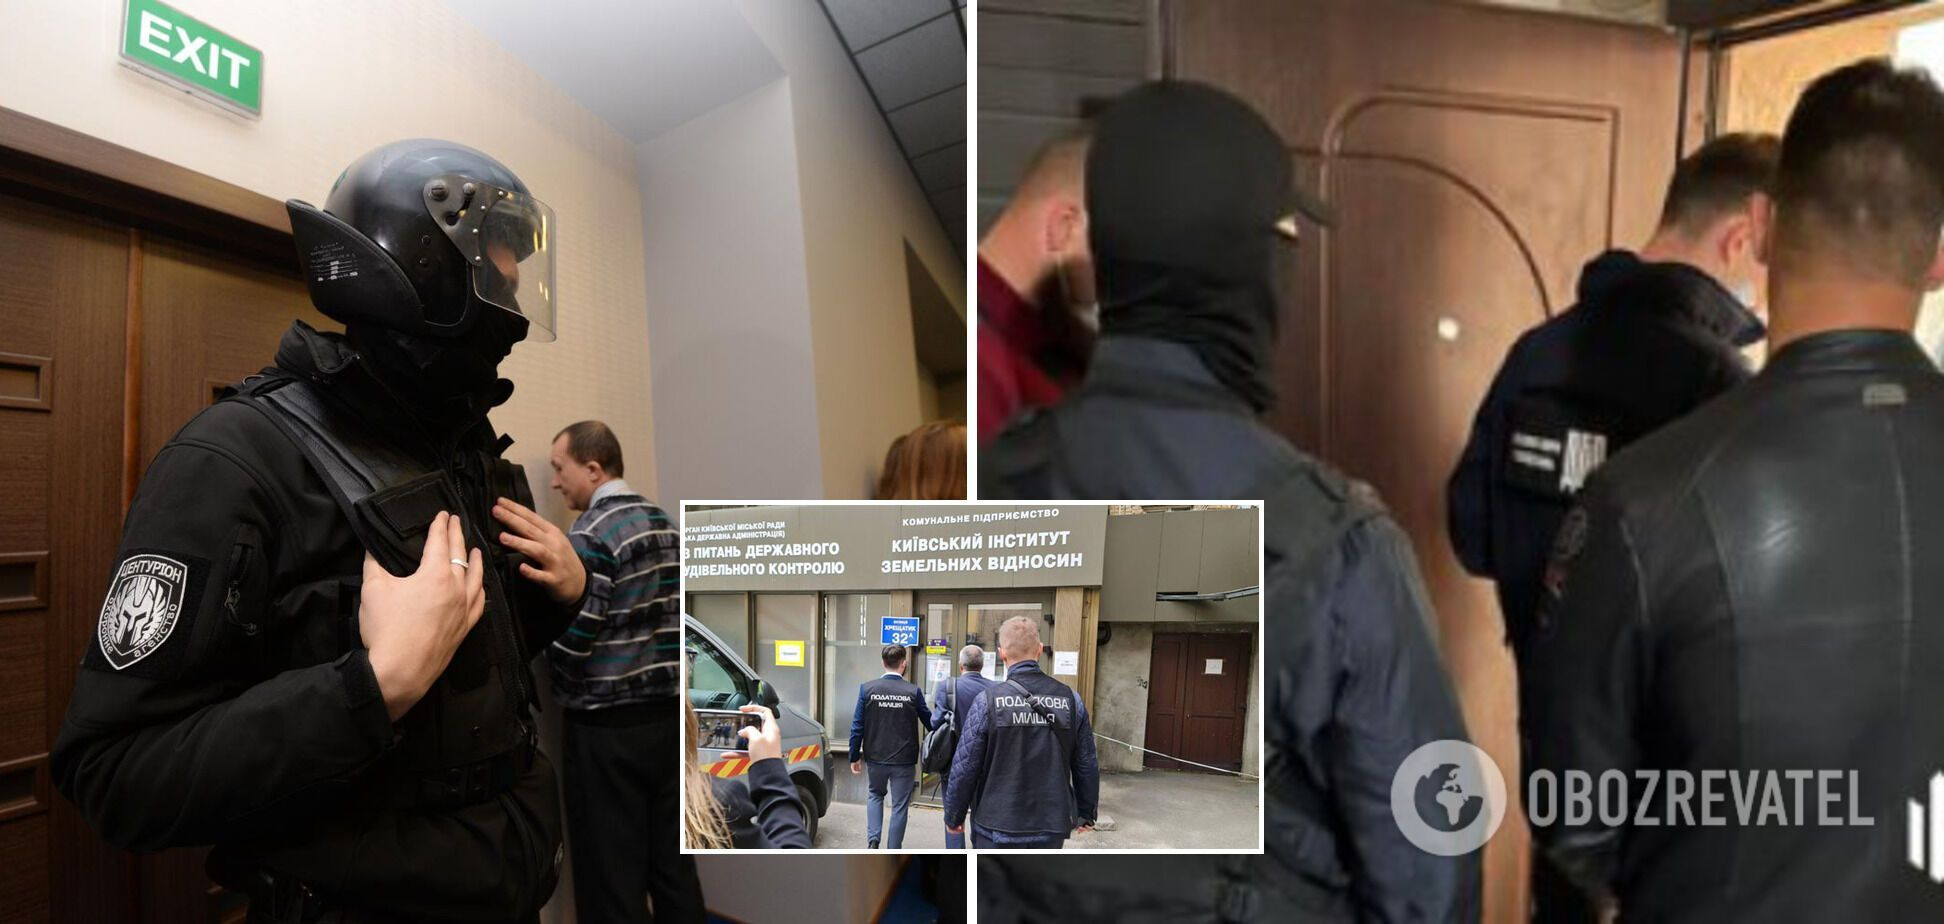 Похід проти Києва. Чому підозри про 'мільйонні розтрати' в КМДА завершуються пшиком